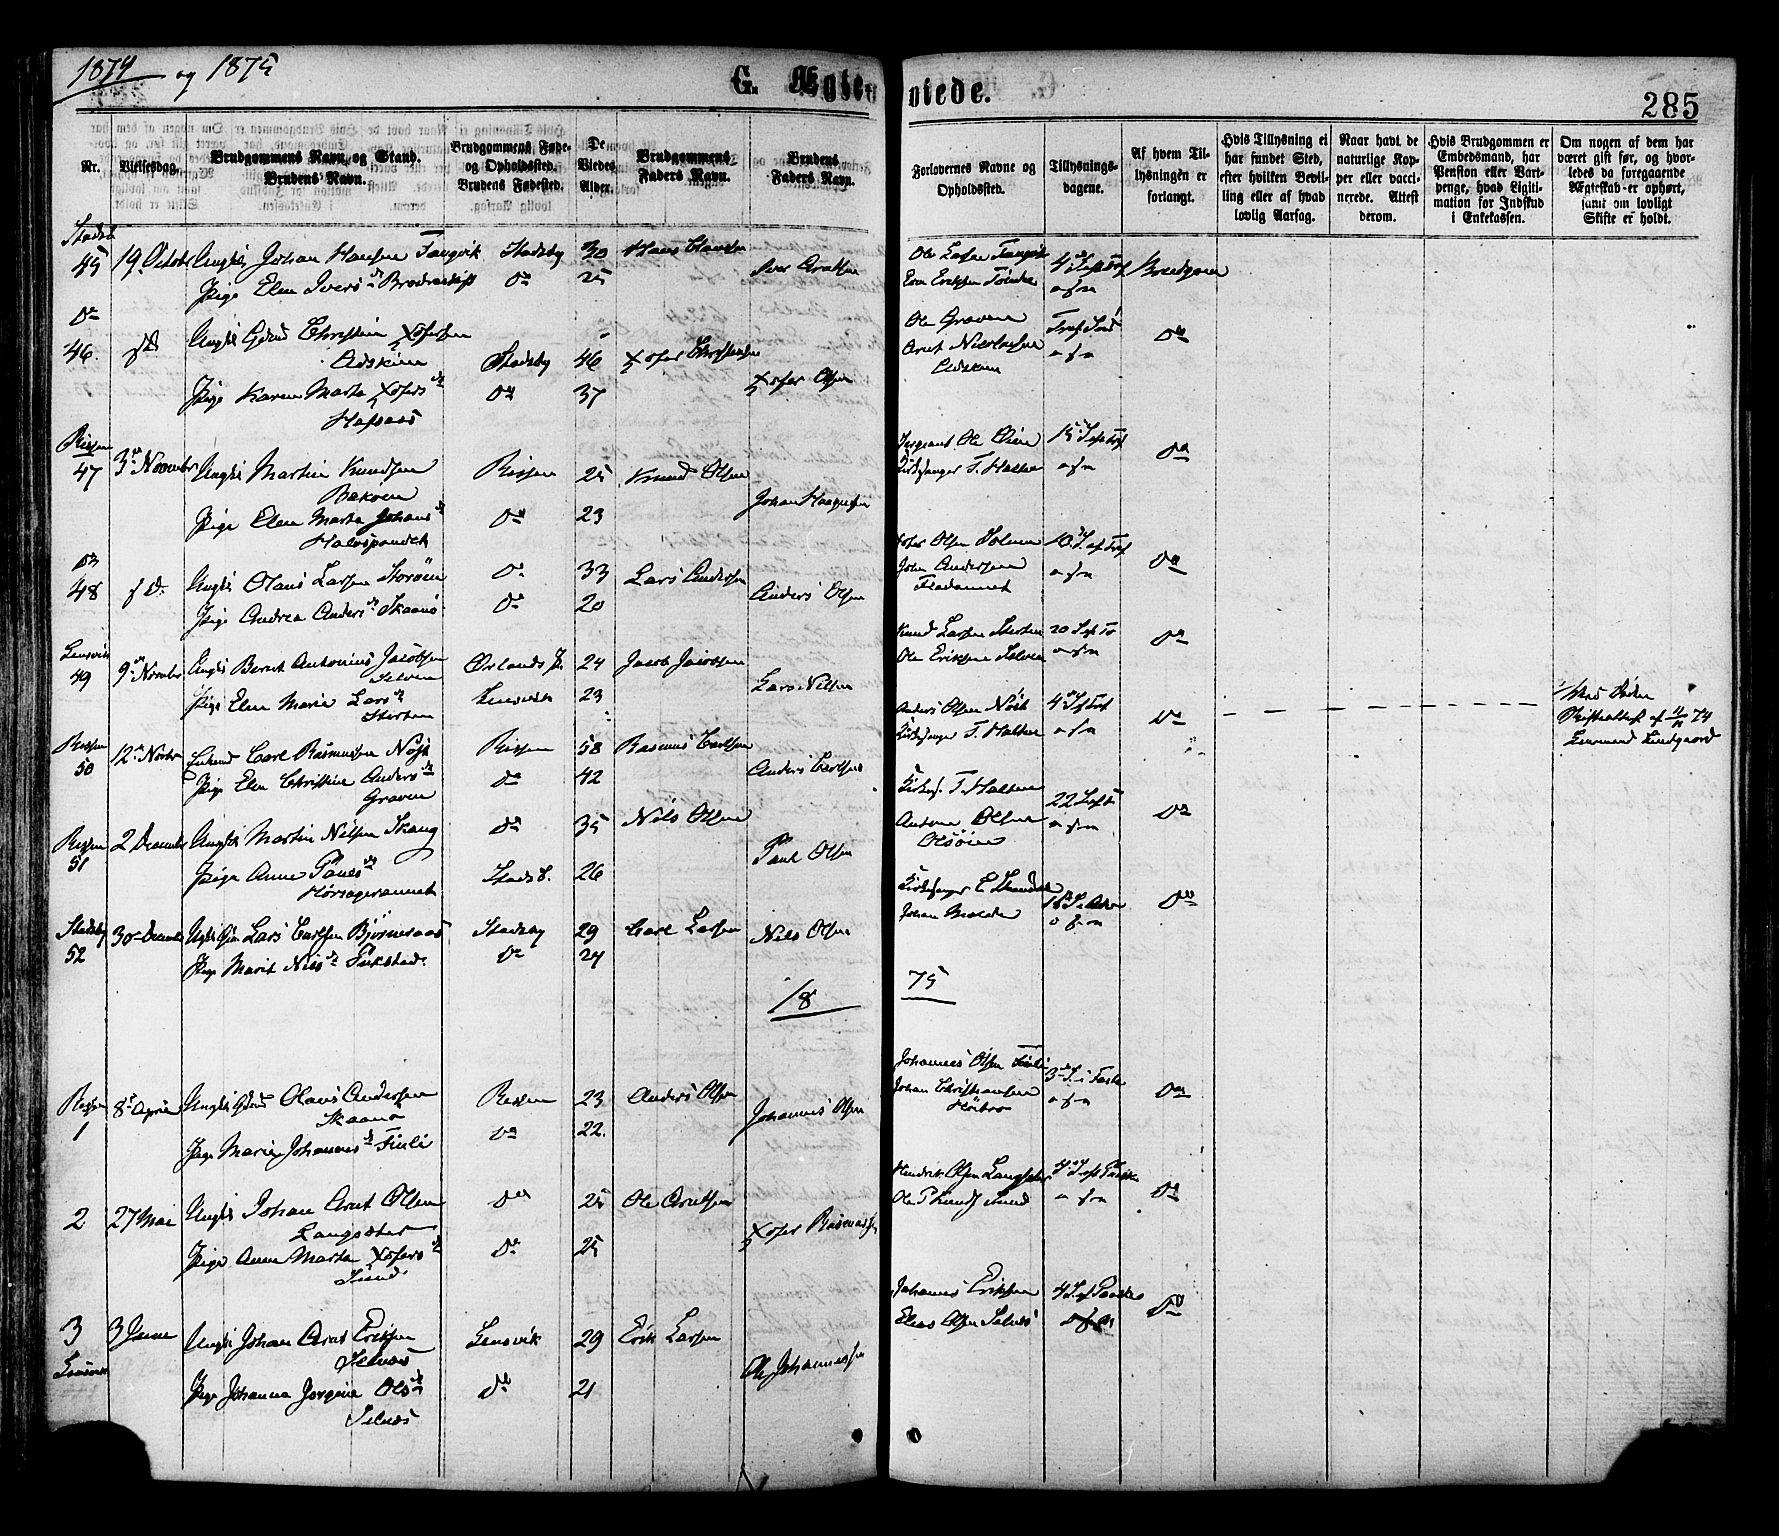 SAT, Ministerialprotokoller, klokkerbøker og fødselsregistre - Sør-Trøndelag, 646/L0613: Ministerialbok nr. 646A11, 1870-1884, s. 285